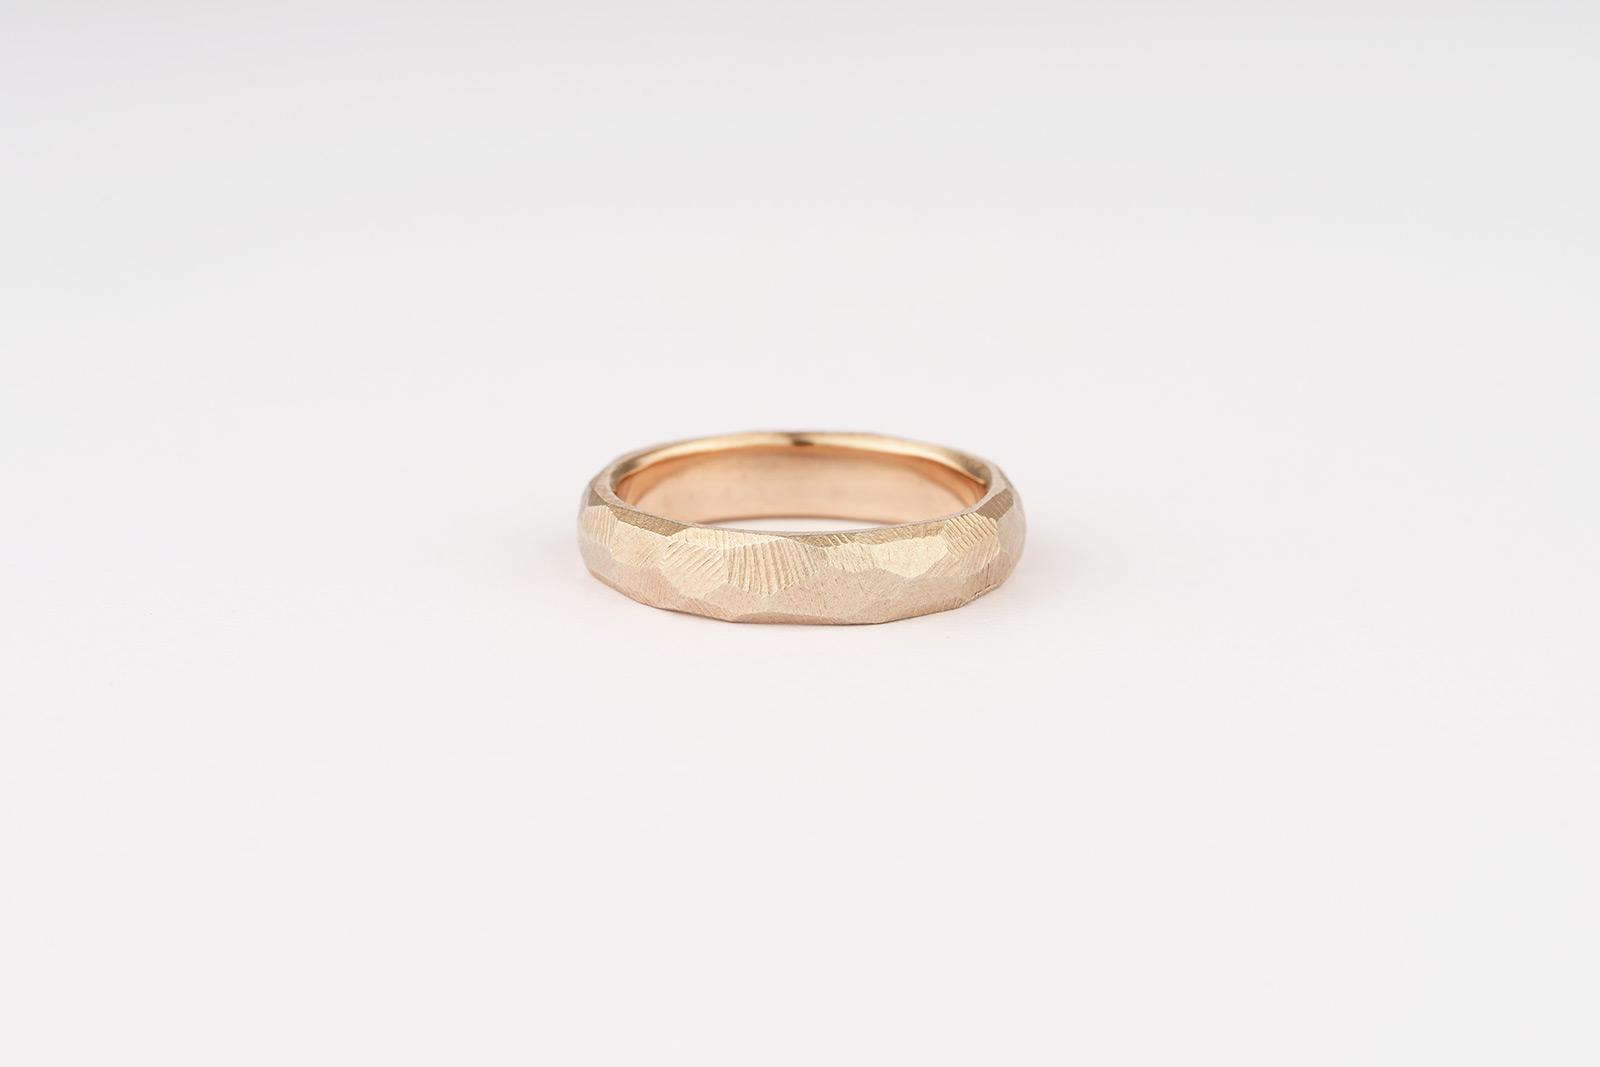 9ct rose gold wedding band